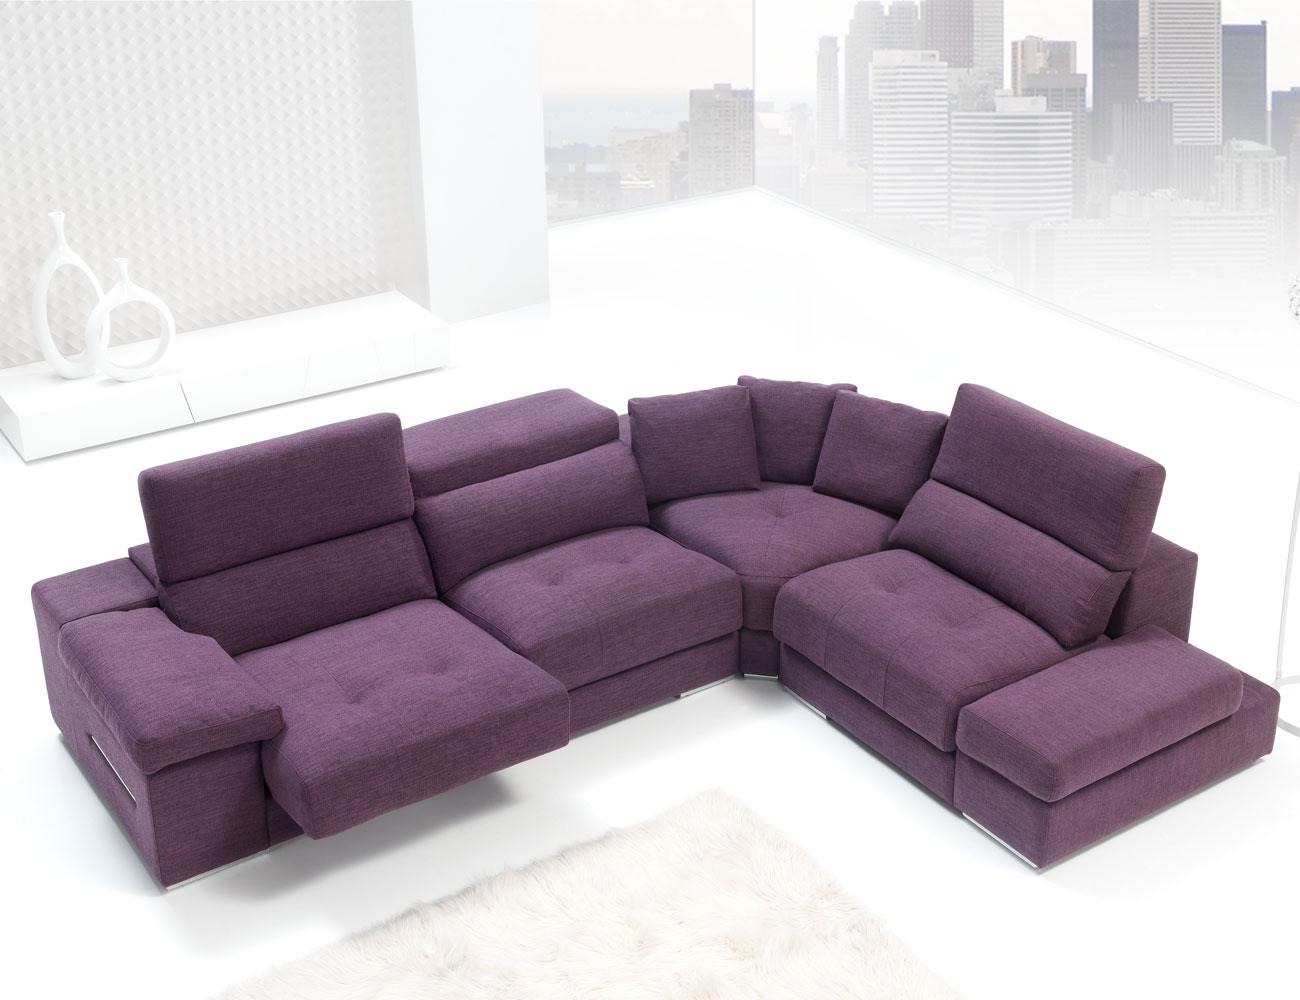 Sofa chaiselongue rincon con brazo mecanico tejido anti manchas 228